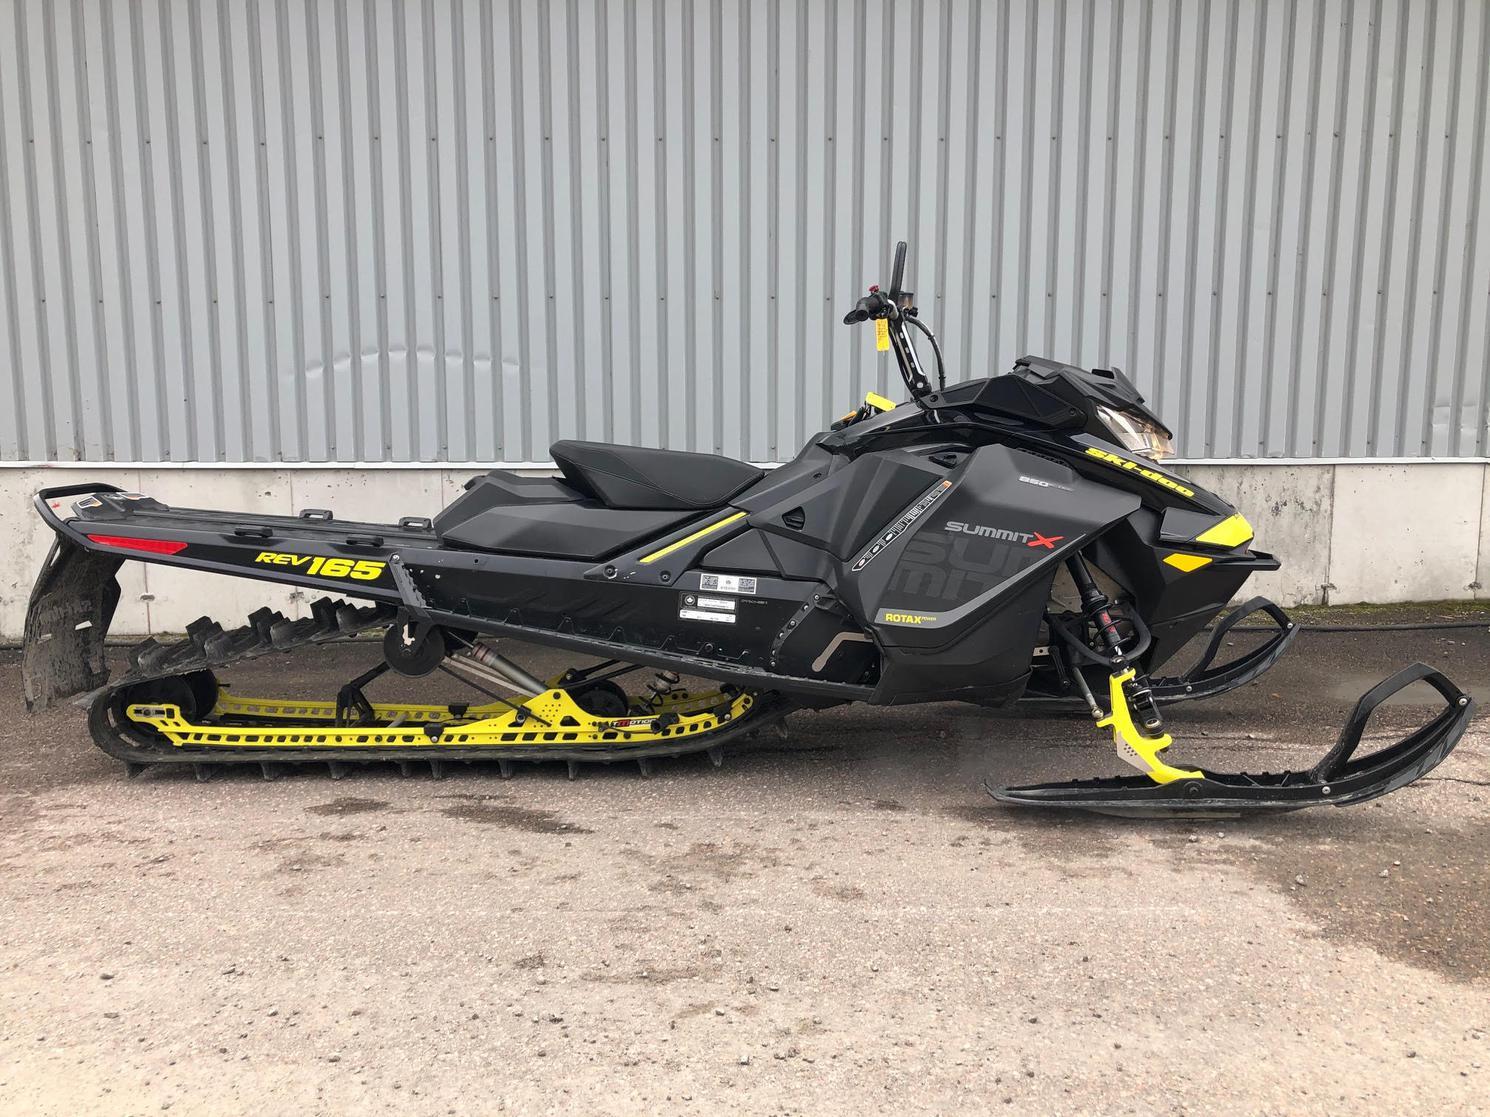 2017 Ski-Doo SUMMIT X 850, 165